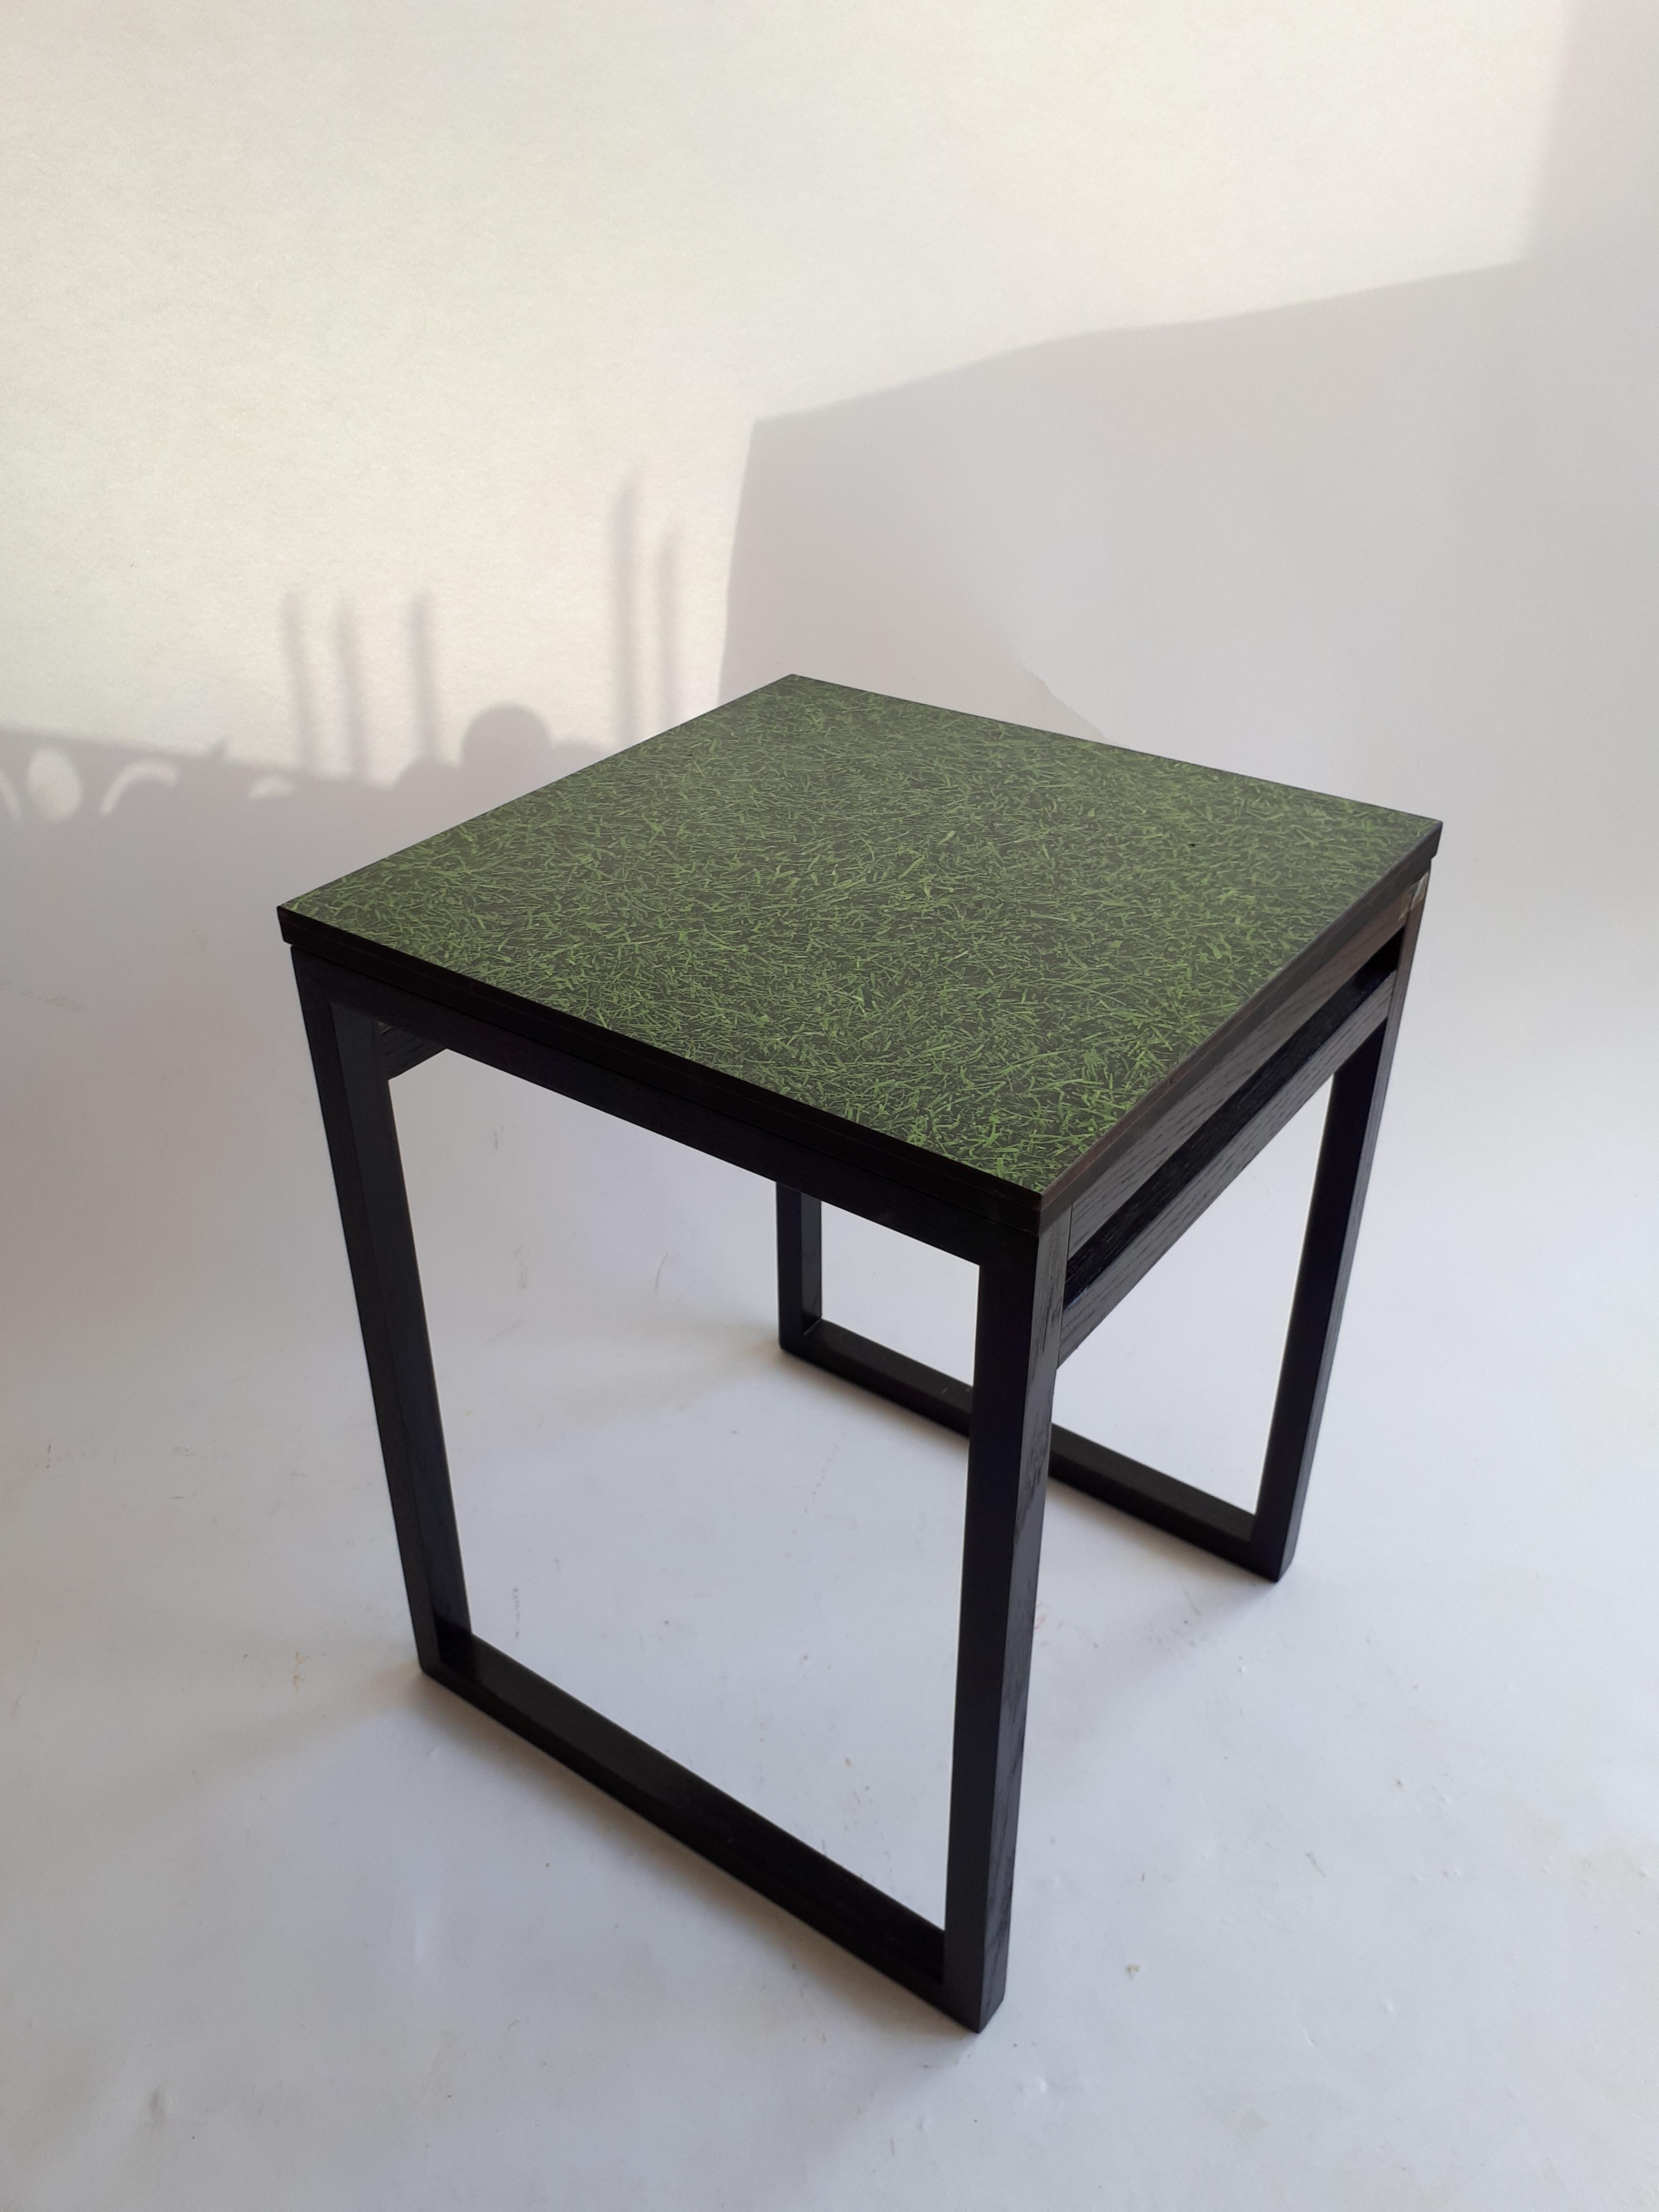 Anna Agger Industridesign - Bord med gräs